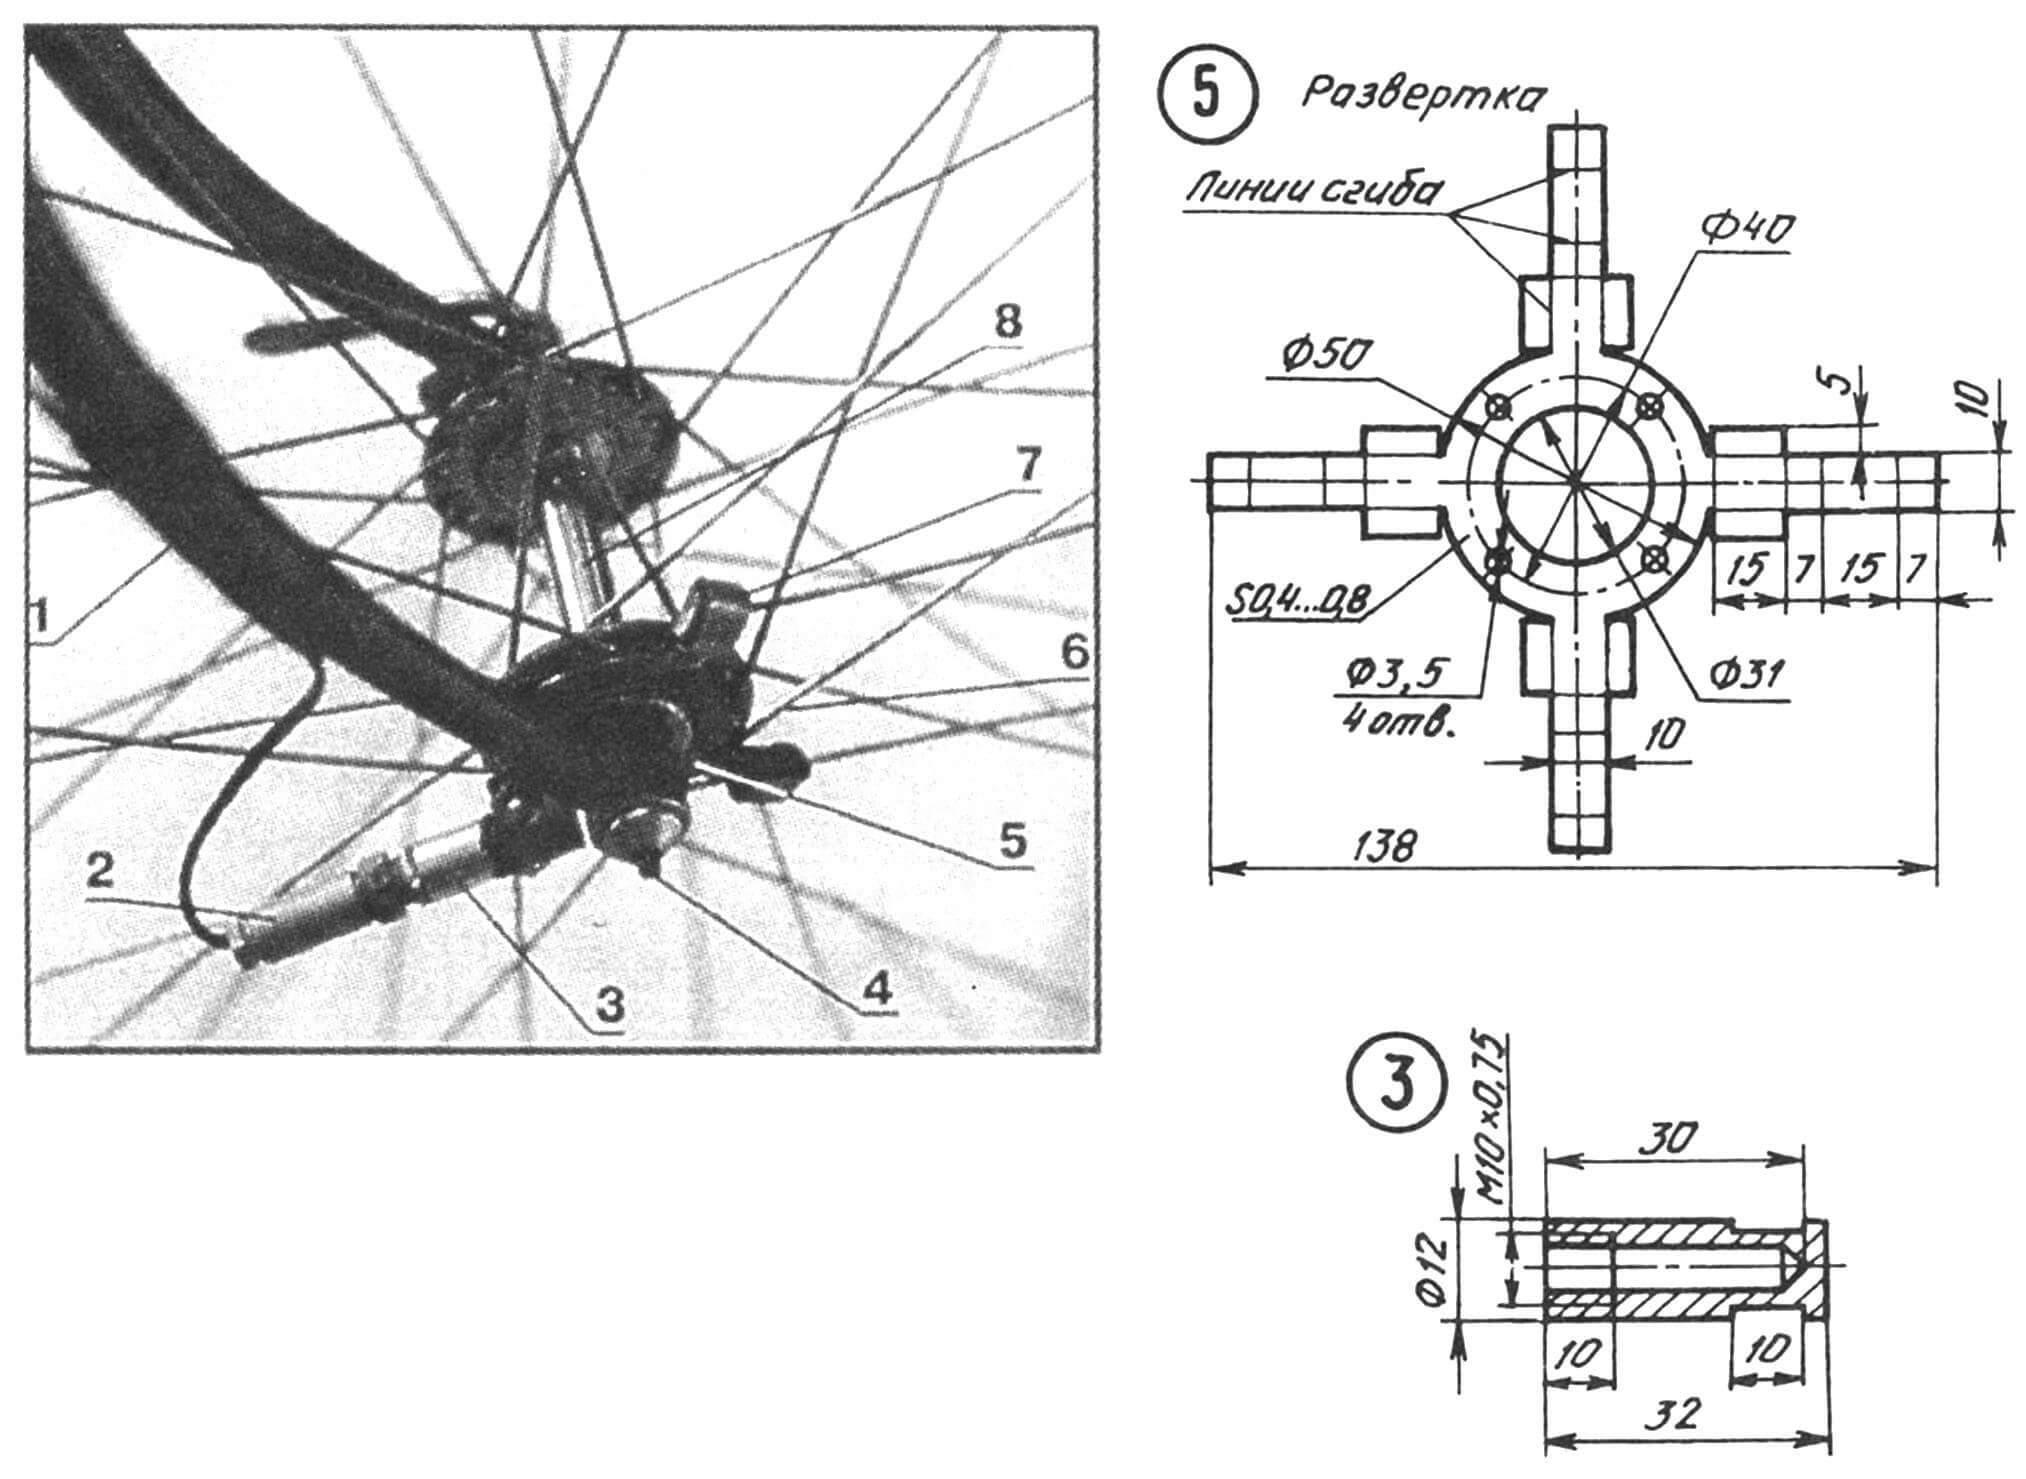 Рис. 5. Узел переднего колеса с герконовым датчиком велоодометра